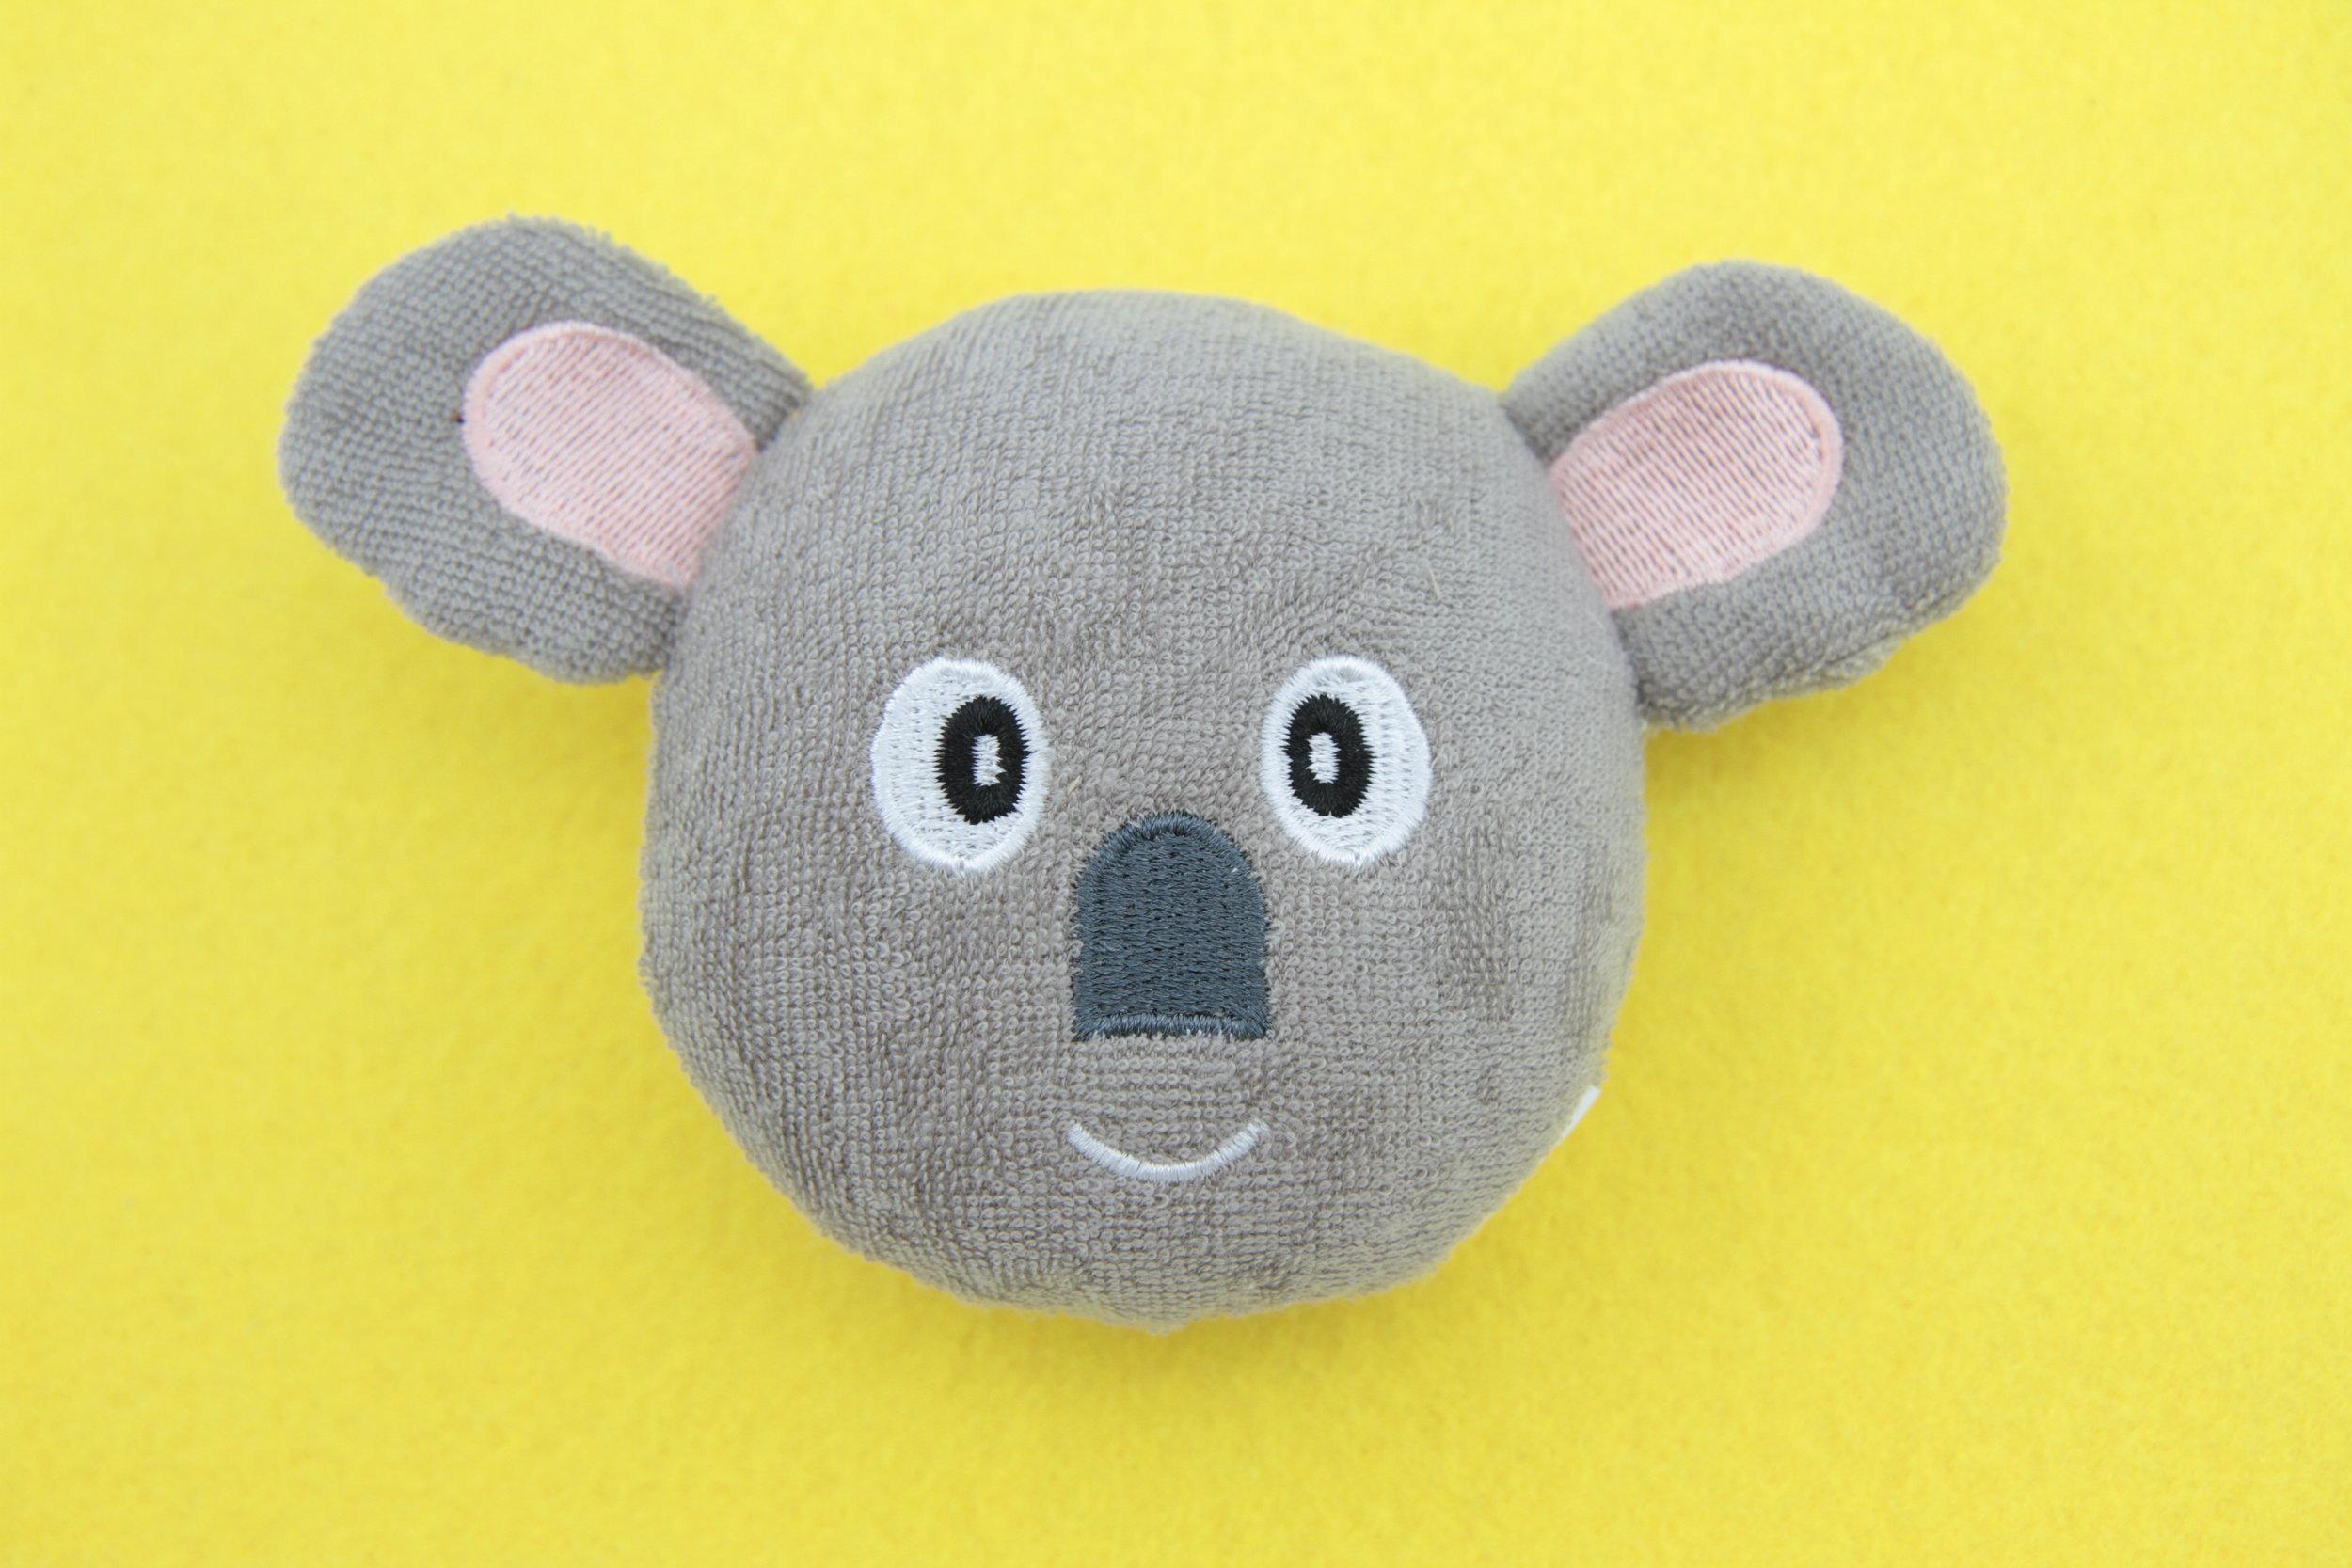 Koobo the Koala